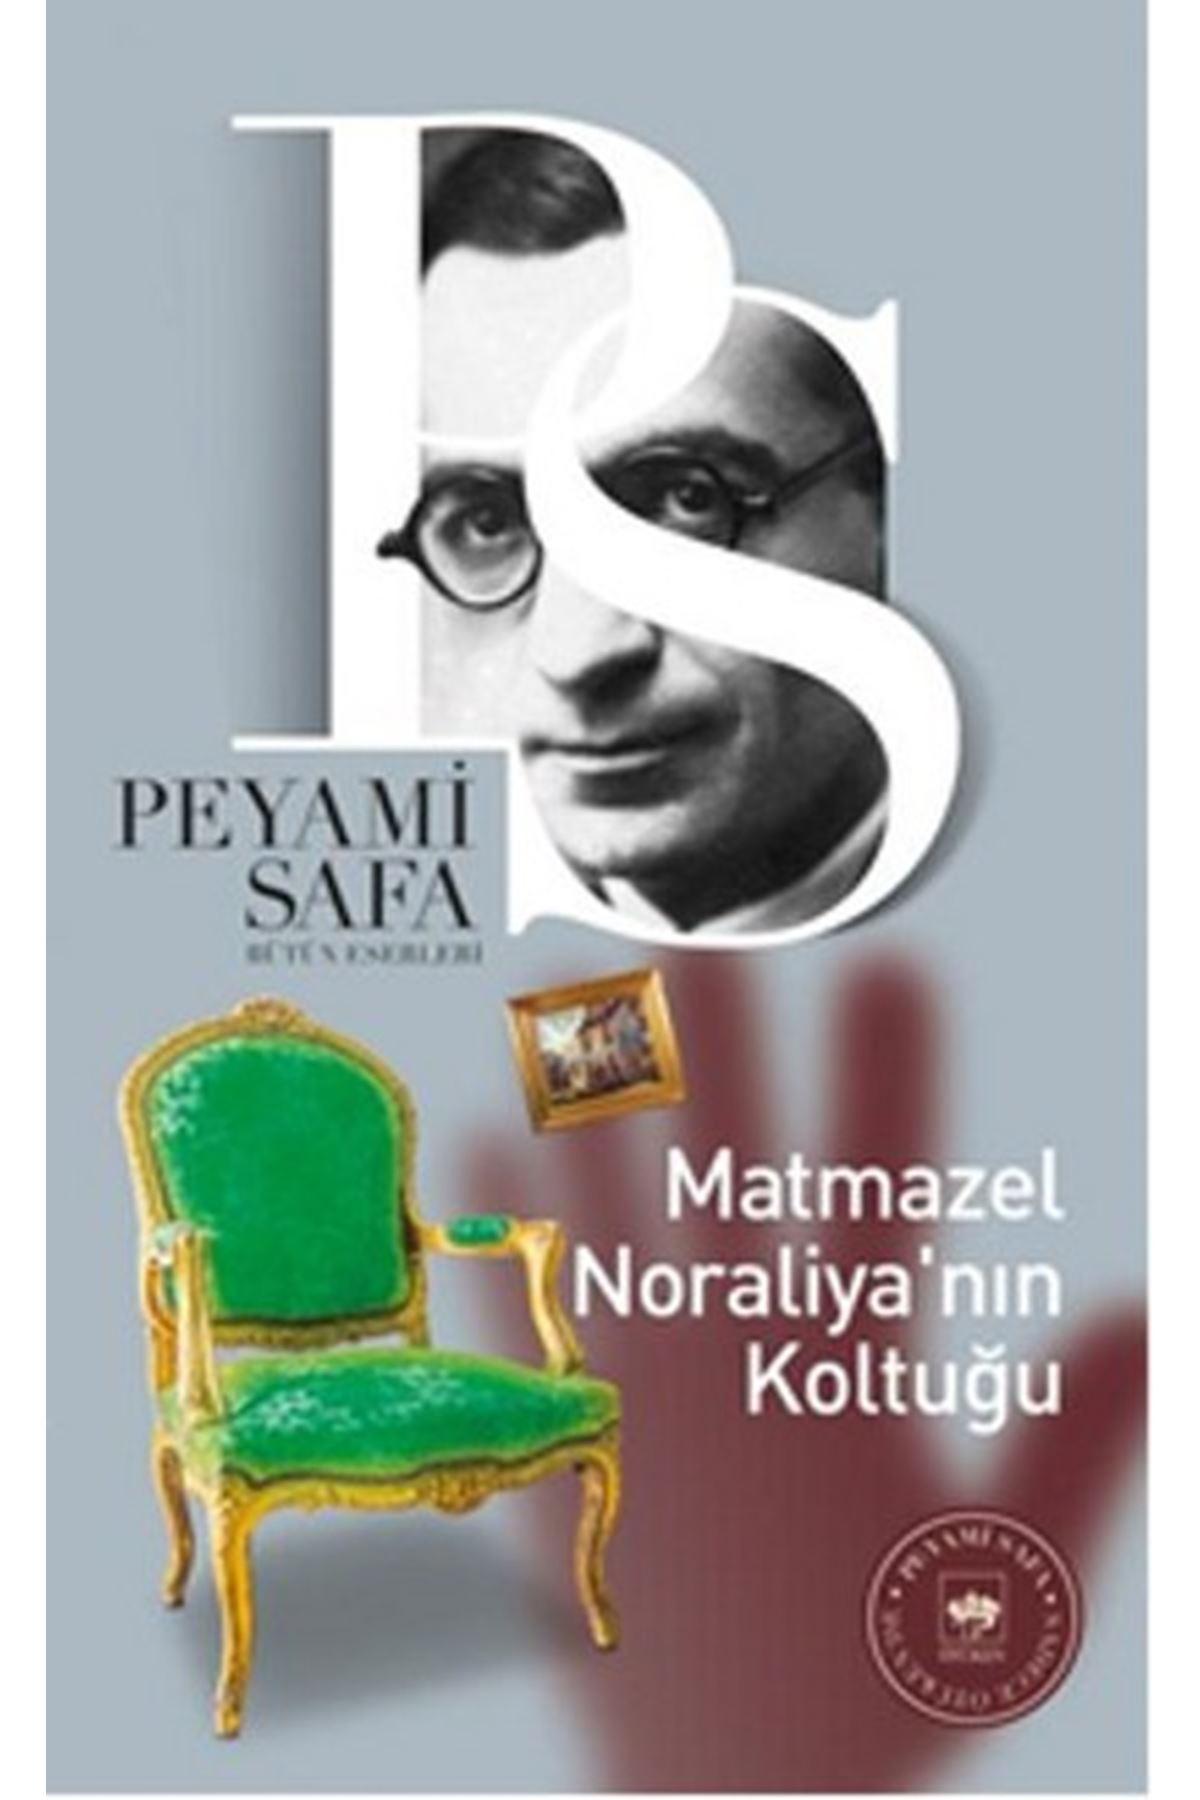 PEYAMİ SAFA - MATMAZEL NORALİYA'NIN KOLTUĞU